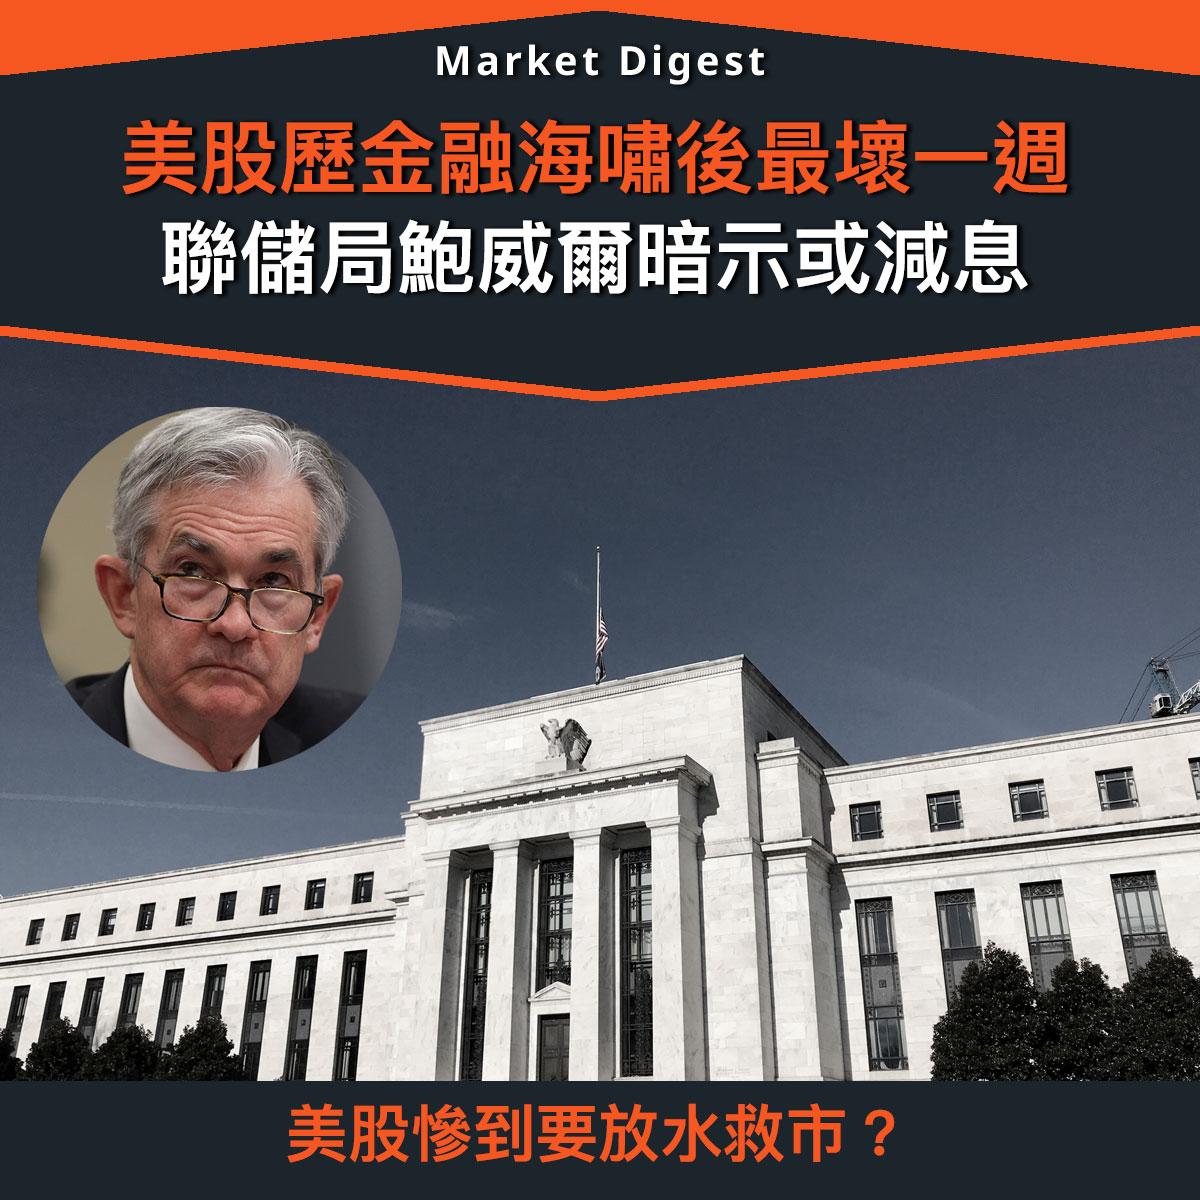 【市場熱話】美股歷金融海嘯後最壞一週,聯儲局鮑威爾暗示或減息